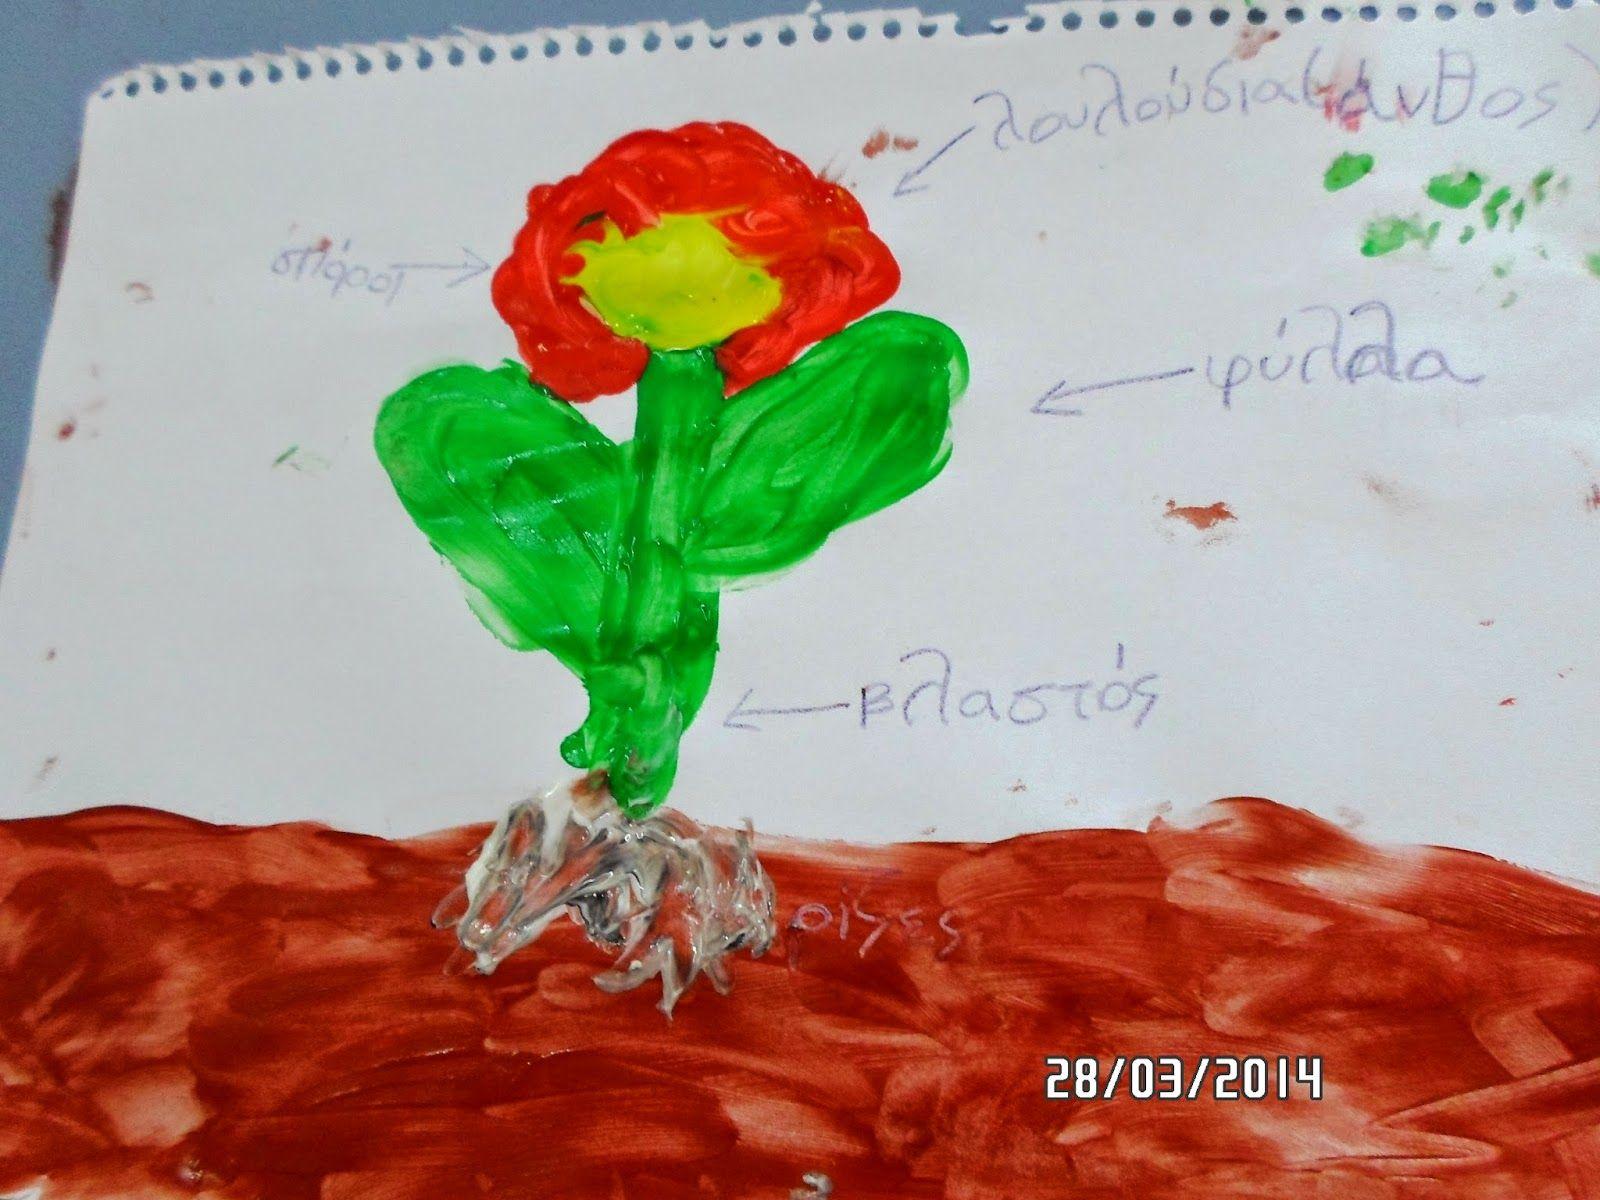 Τάξη αστεράτη: Τα φυτά: Οι ανάγκες, τα μέρη τους και η φωτοσύνθεση - Τα μέρη του φυτού